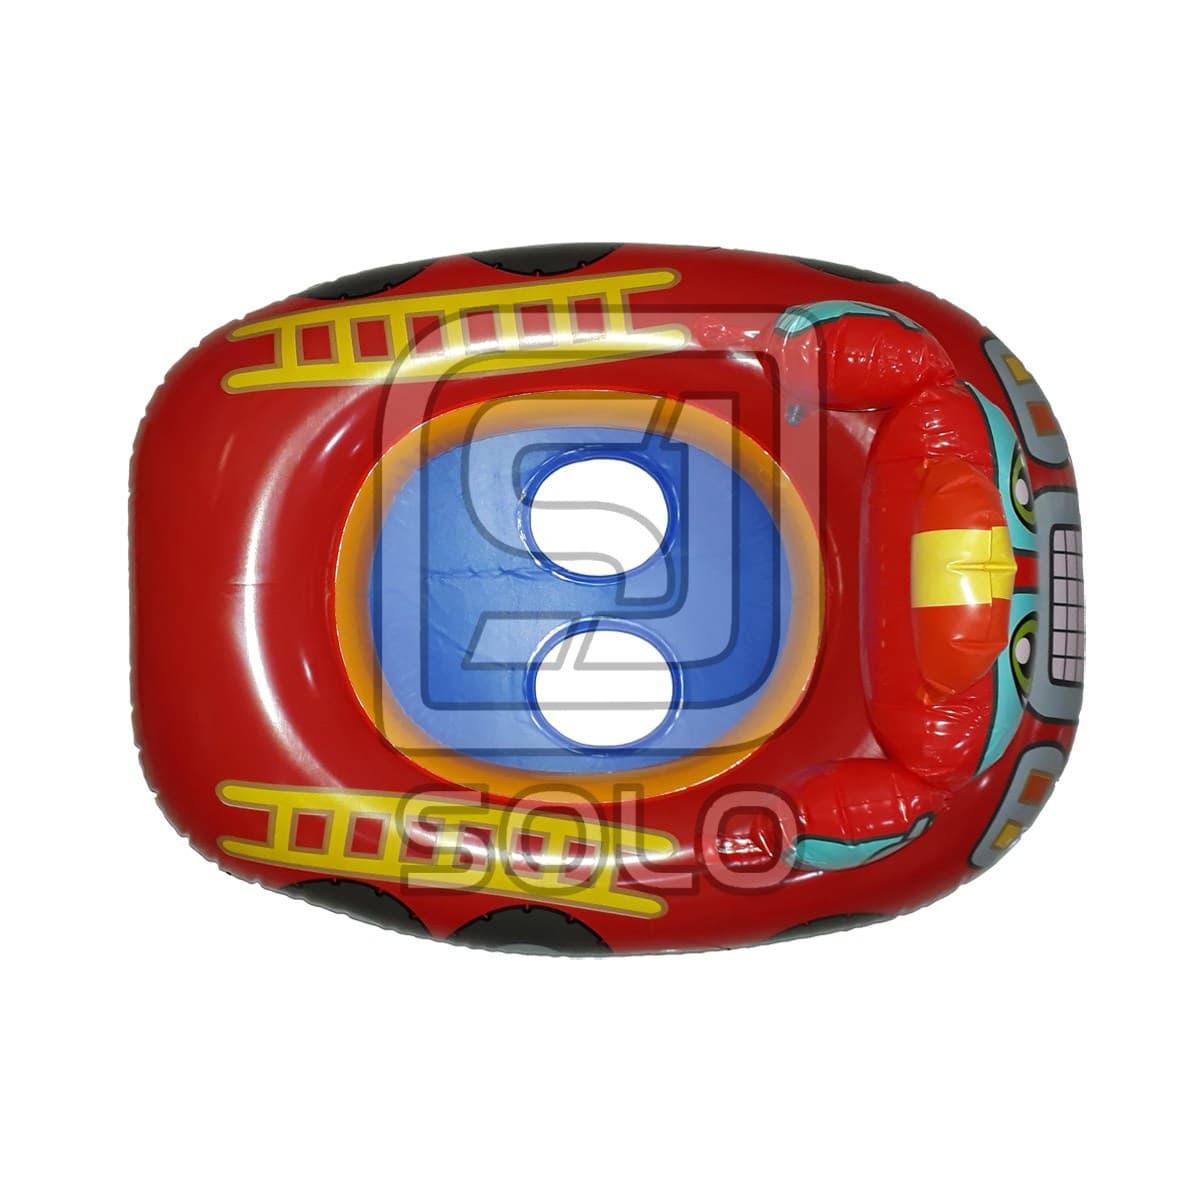 Ban Renang Intex Kiddie Car Float 59586 Referensi Daftar Harga Pelampung Anak Motif Mobil Polisi Police Floats Baby Pool Cars Plane Blanja